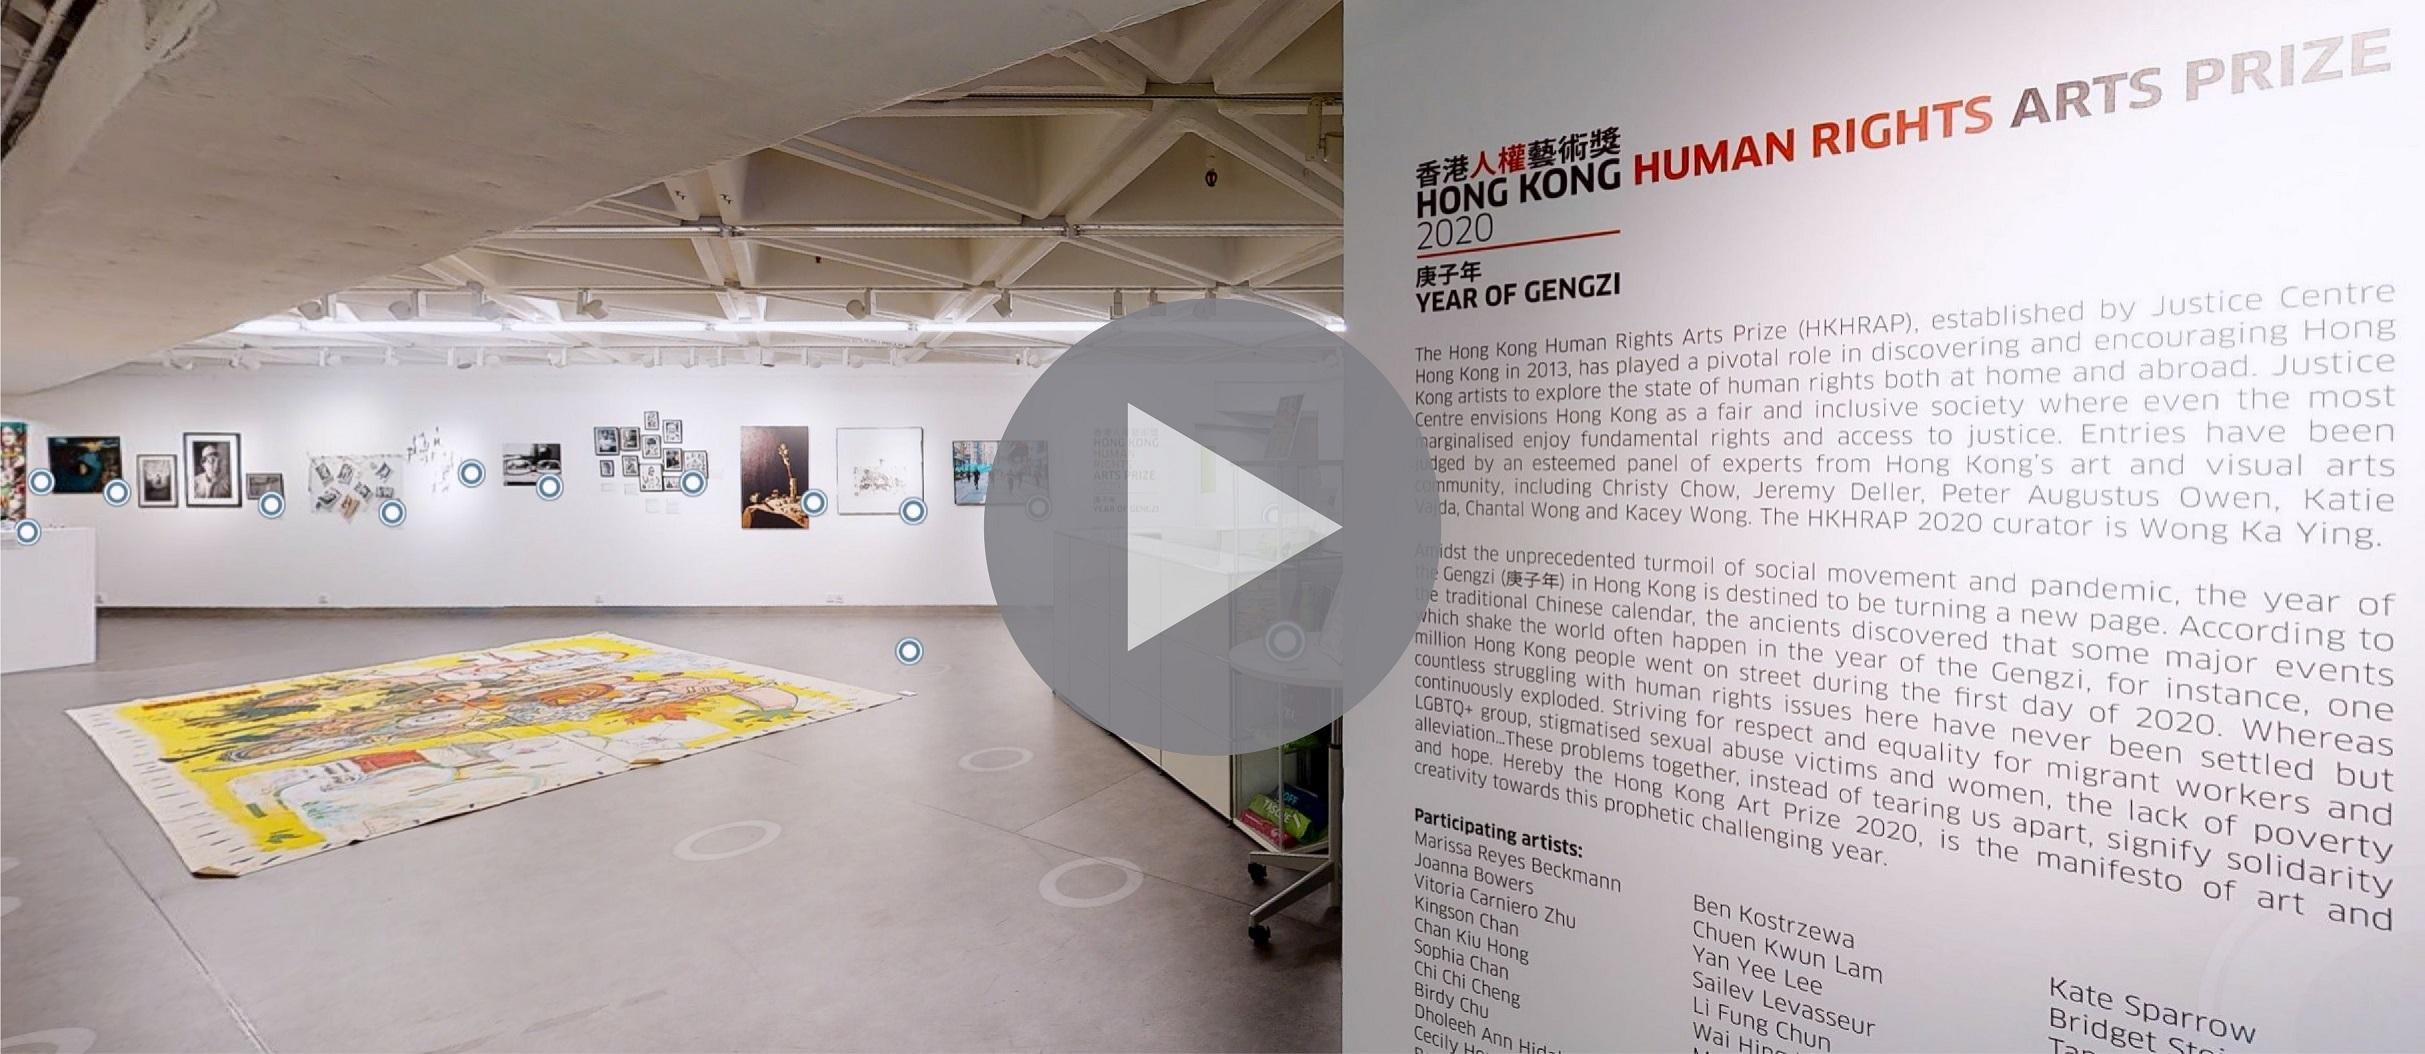 Virtual Walkthrough of the Exhibition